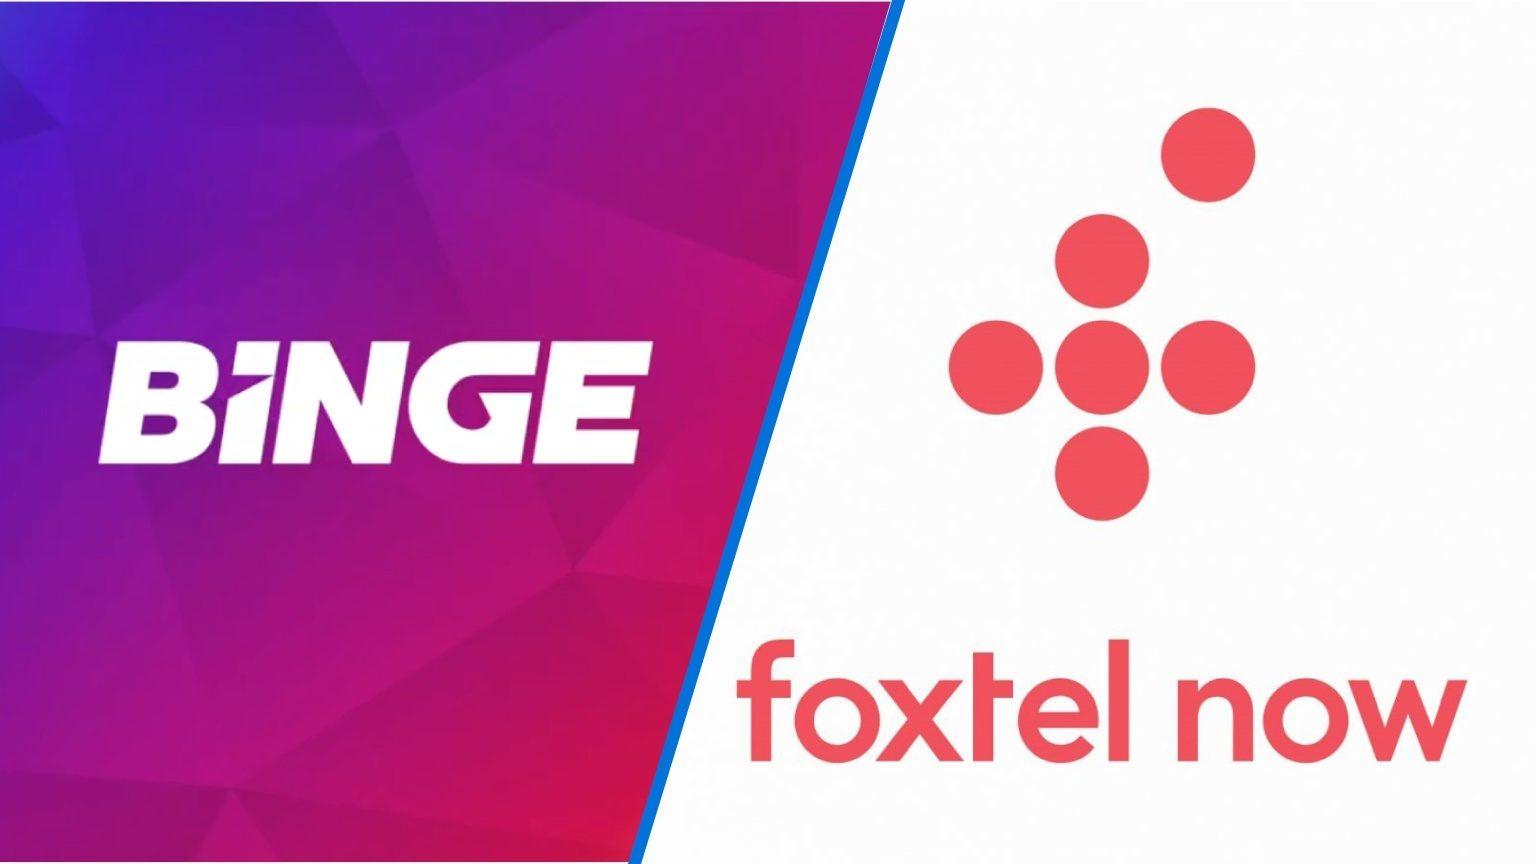 Binge vs Foxtel